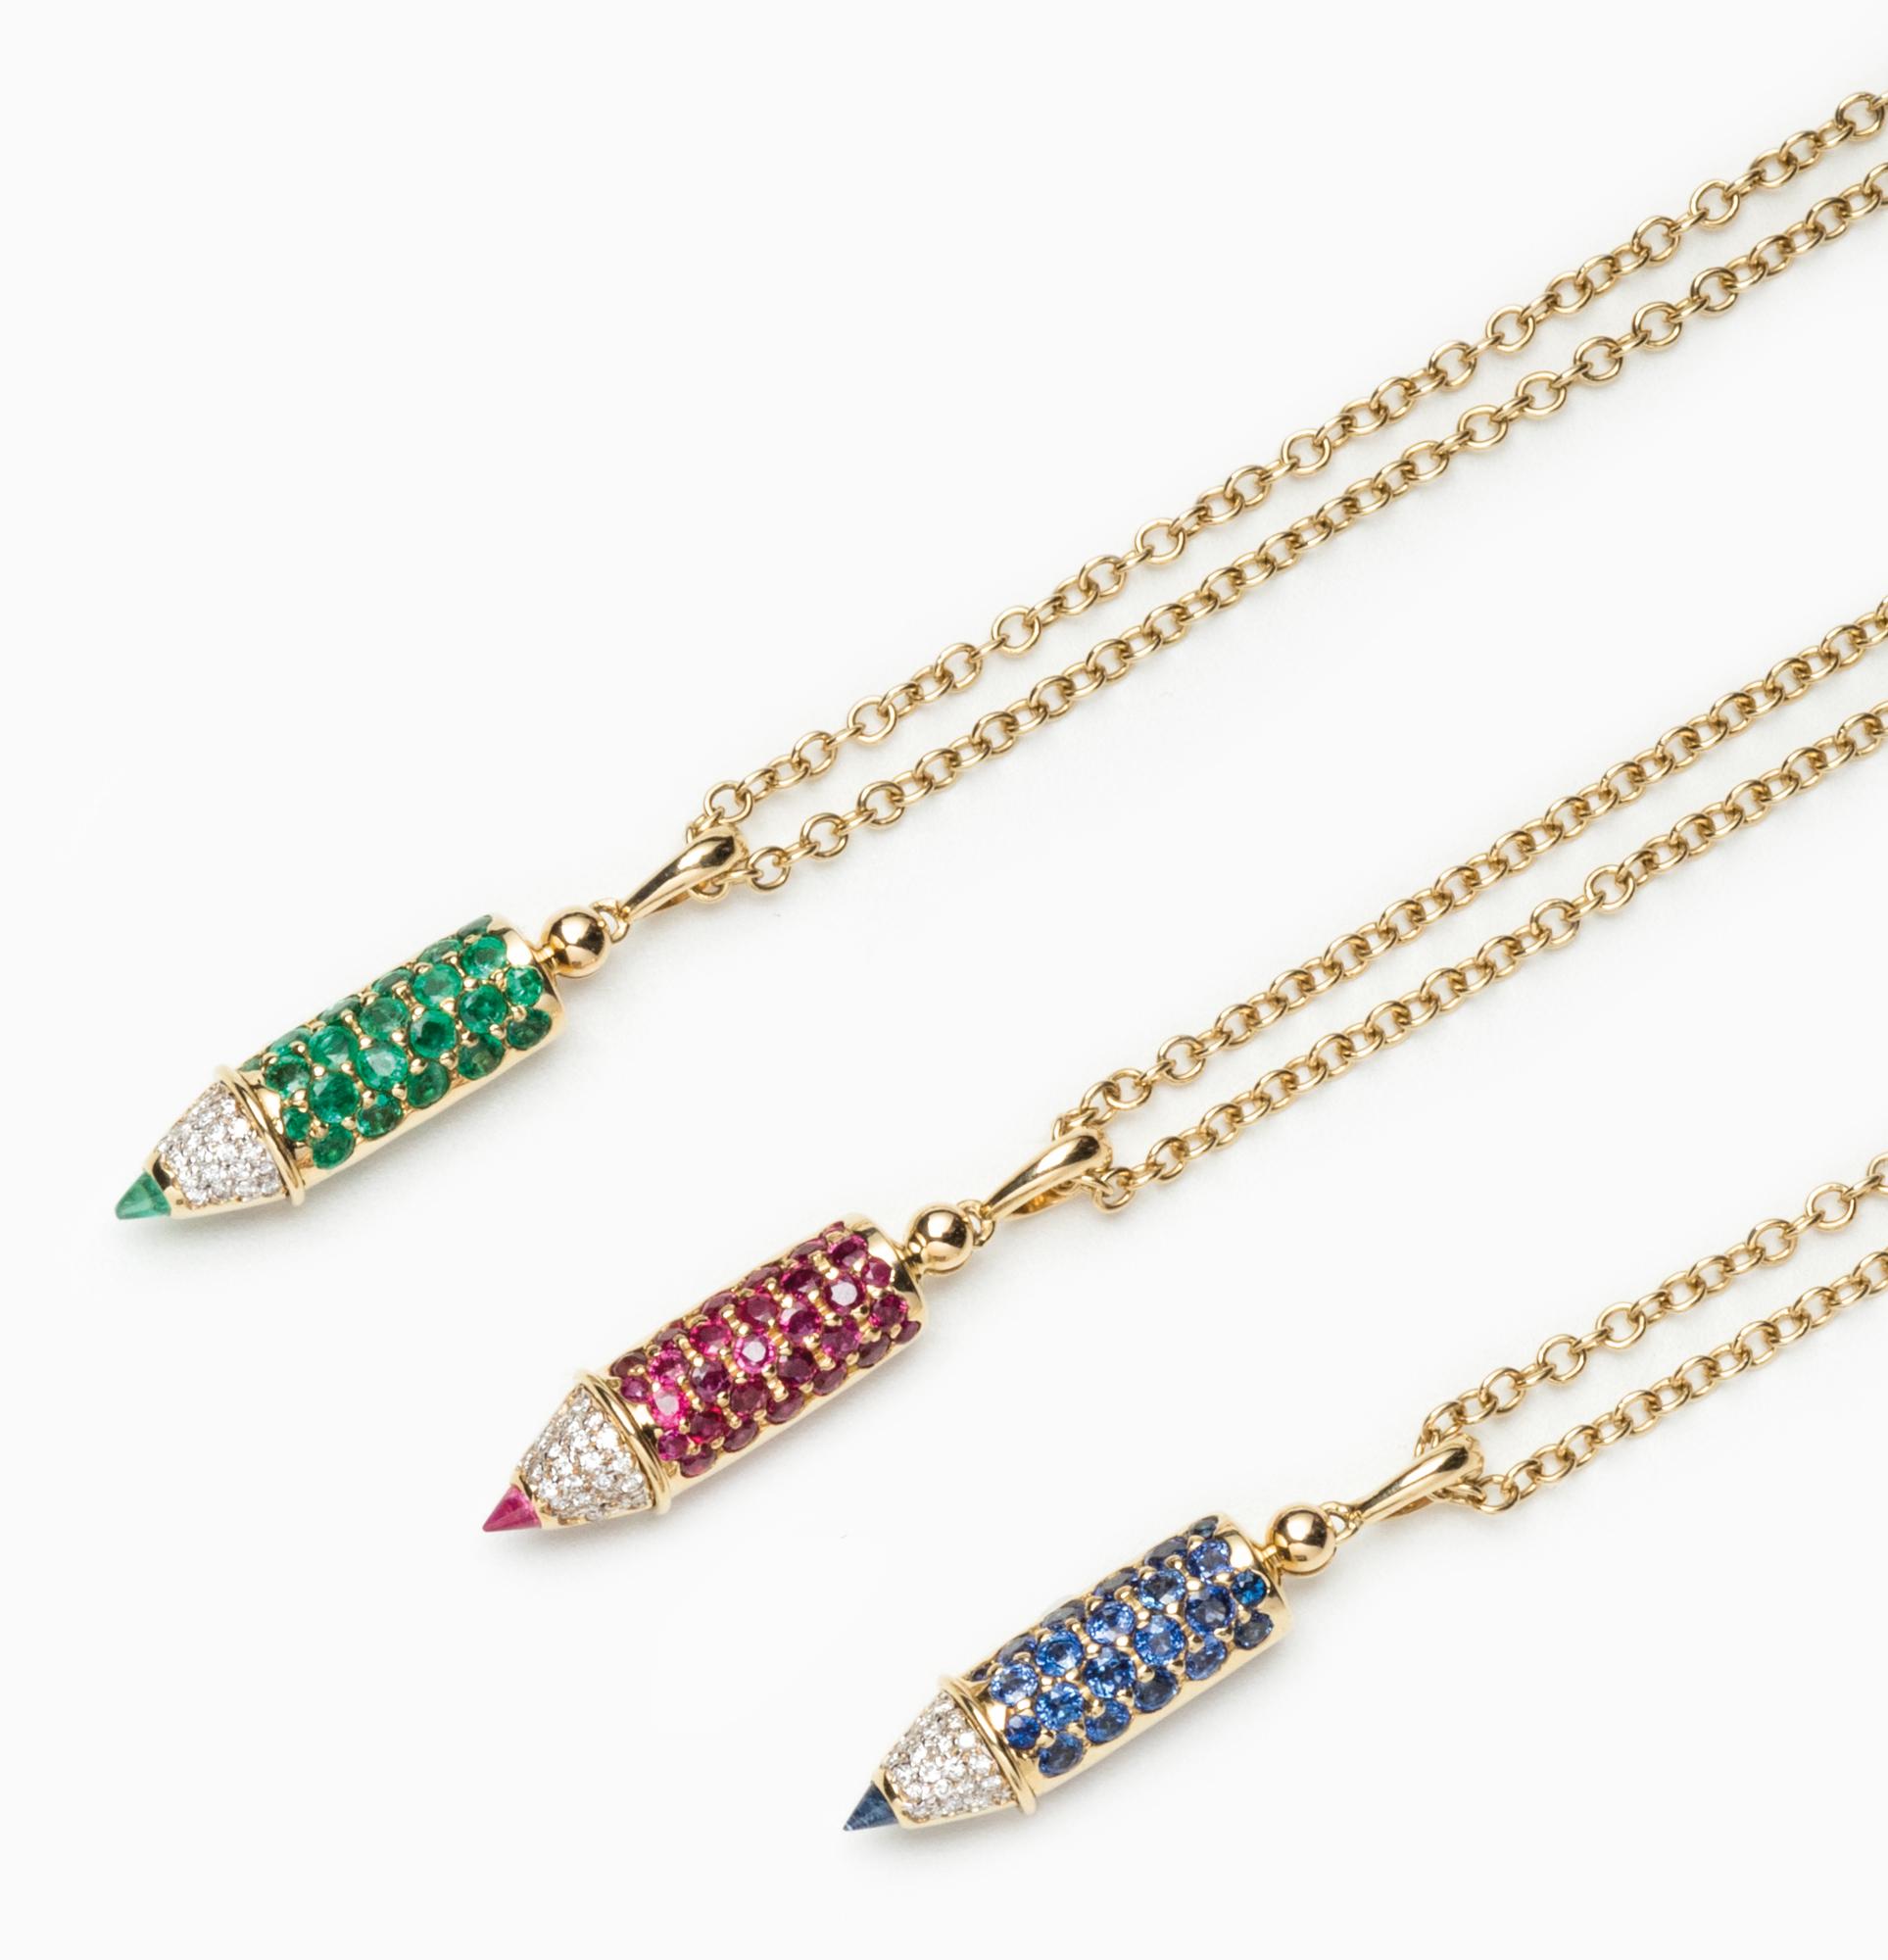 in oro, zaffiri, smeraldi, rubini e diamanti